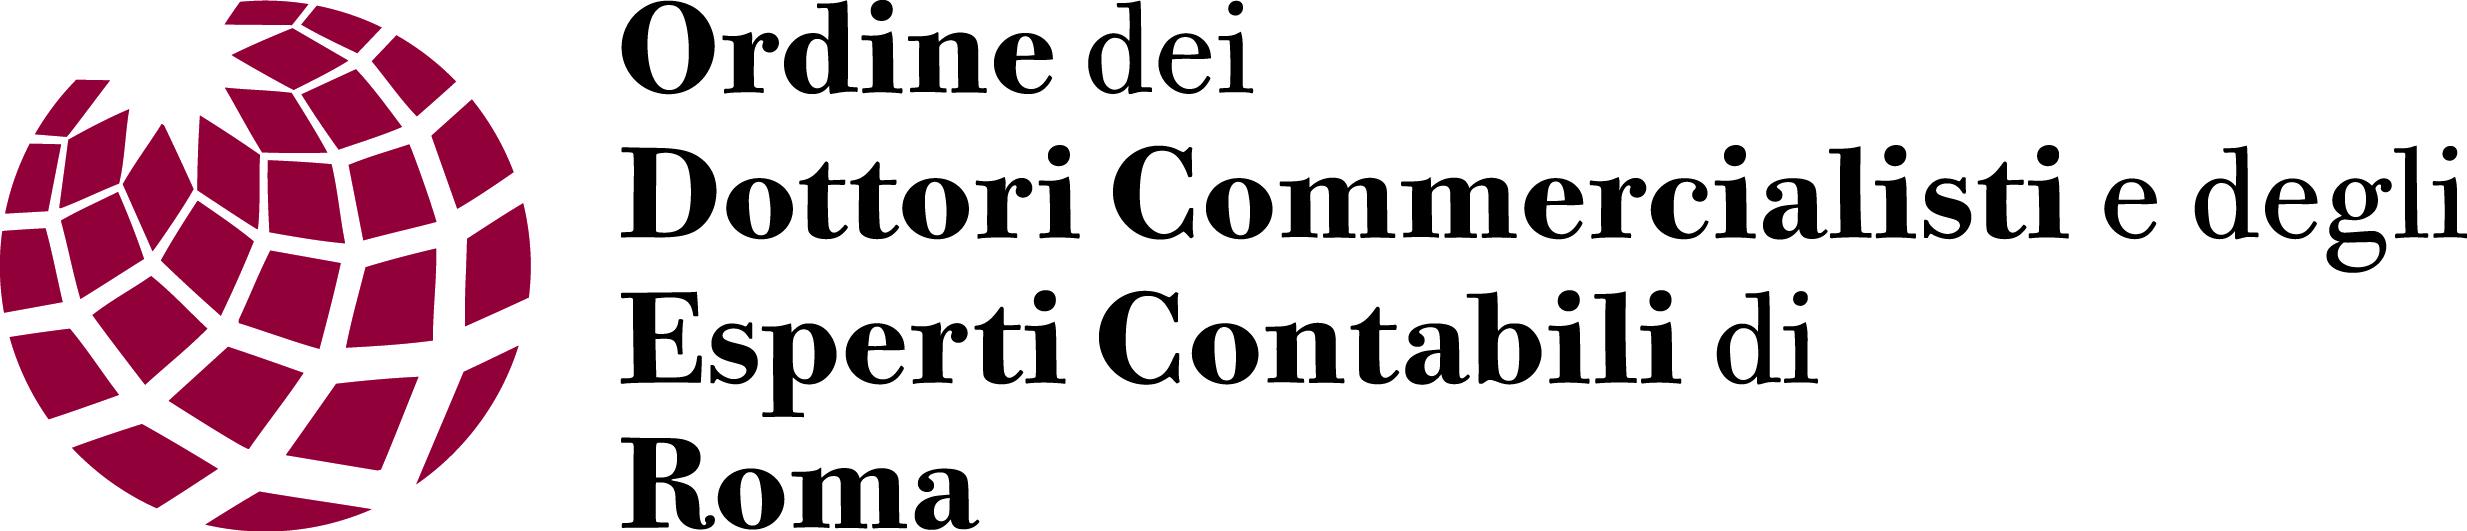 Ordine dei Dottori Commercialisti e degli Esperti Contabili di Roma